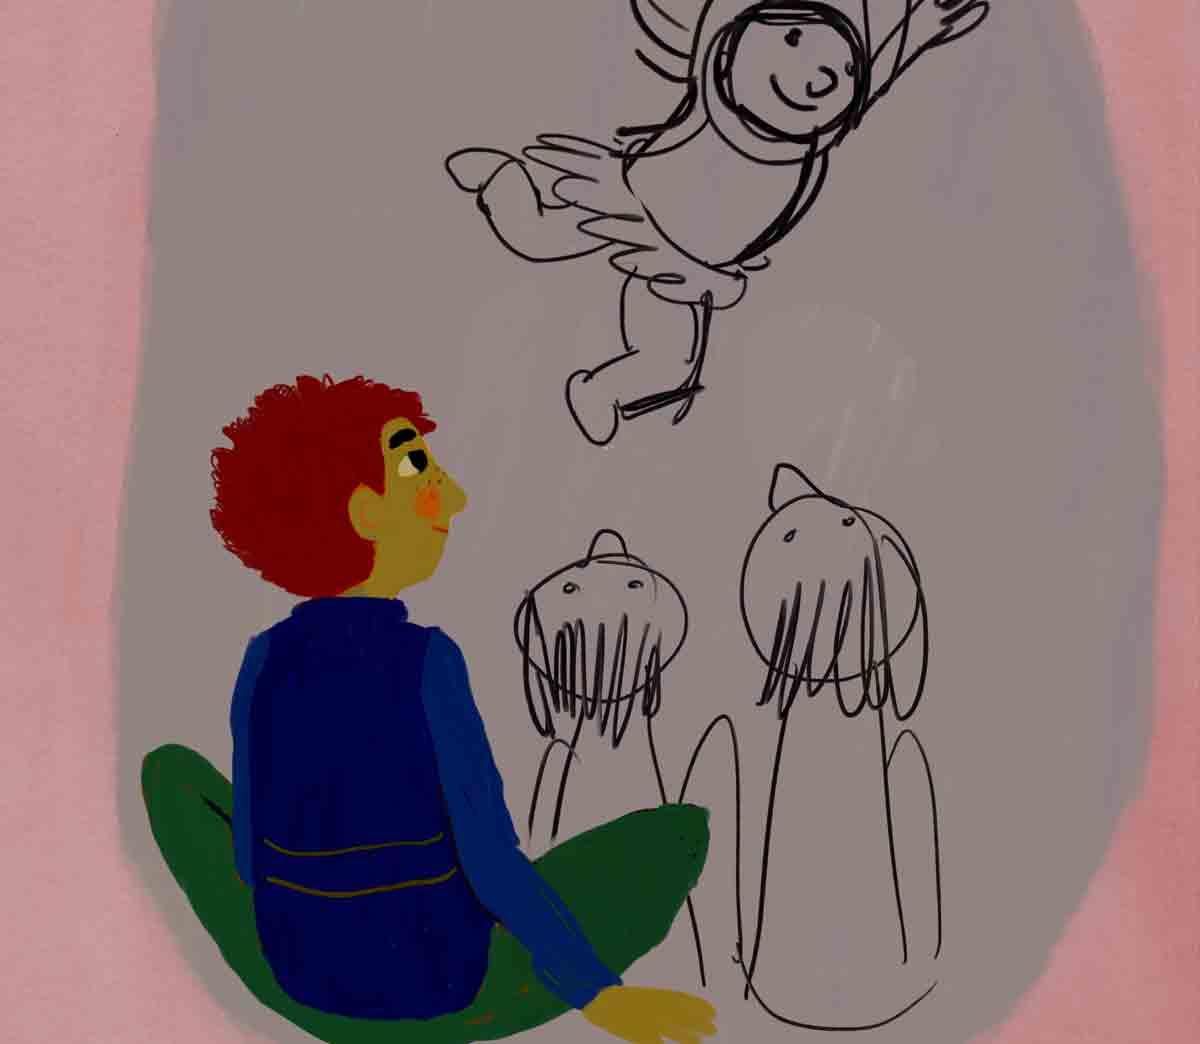 tekening van jongen die naar dansend zusje kijkt